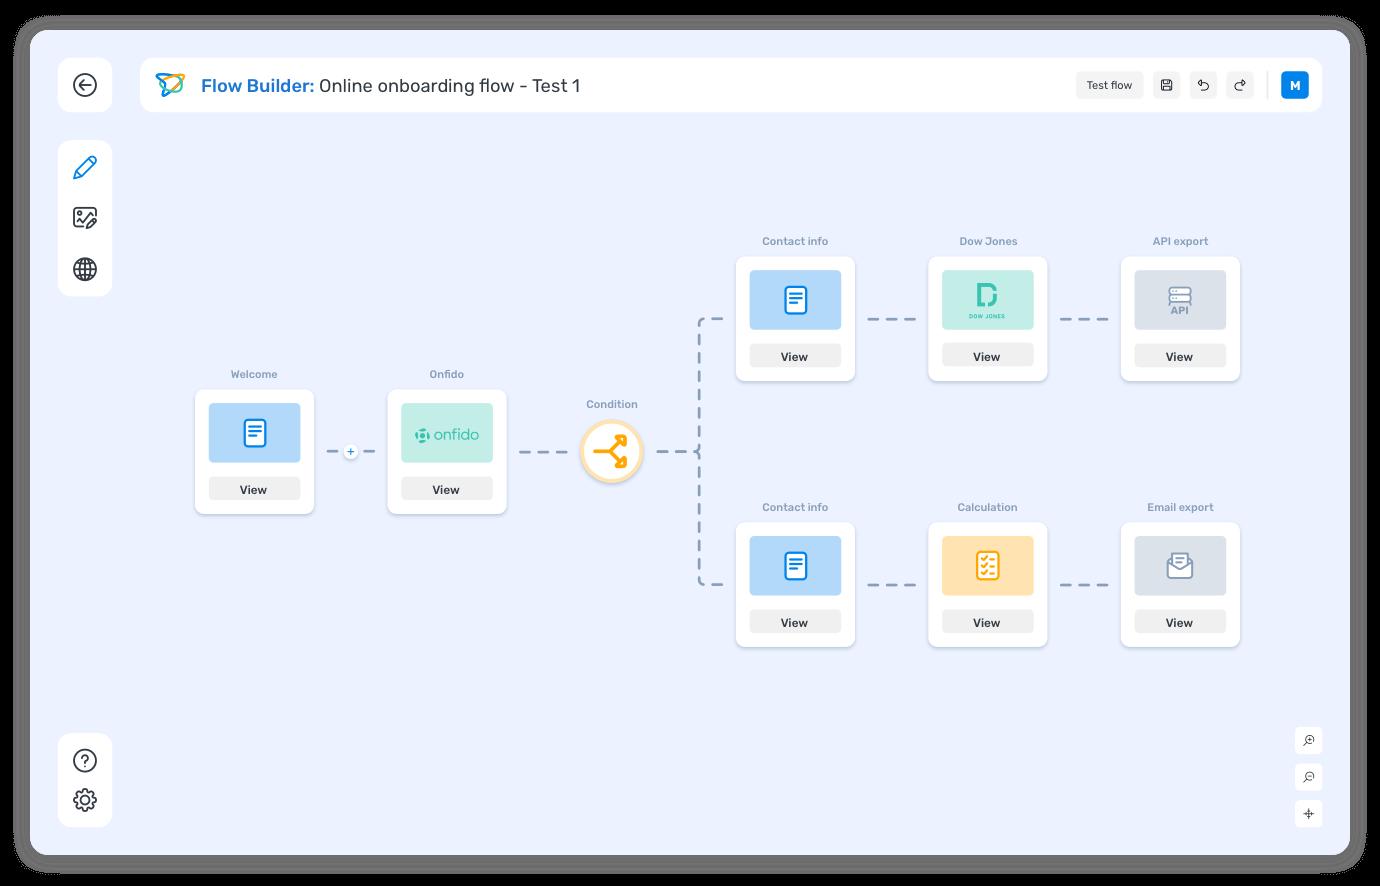 Flow overview in Flow Builder